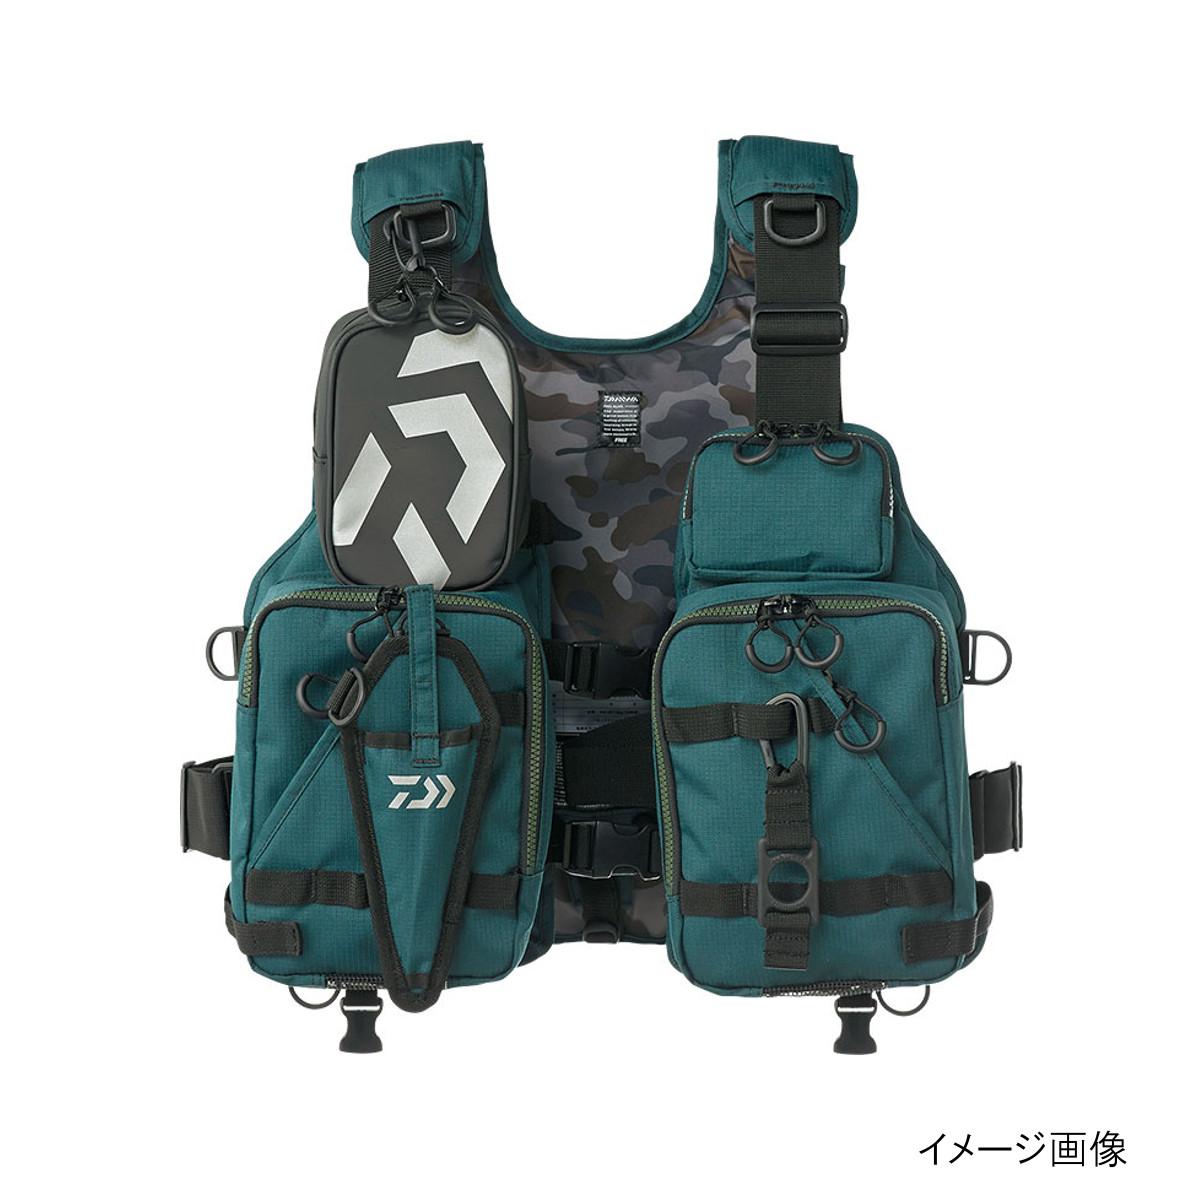 ダイワ フロートゲームベスト DF-6206 ディープグリーン【送料無料】